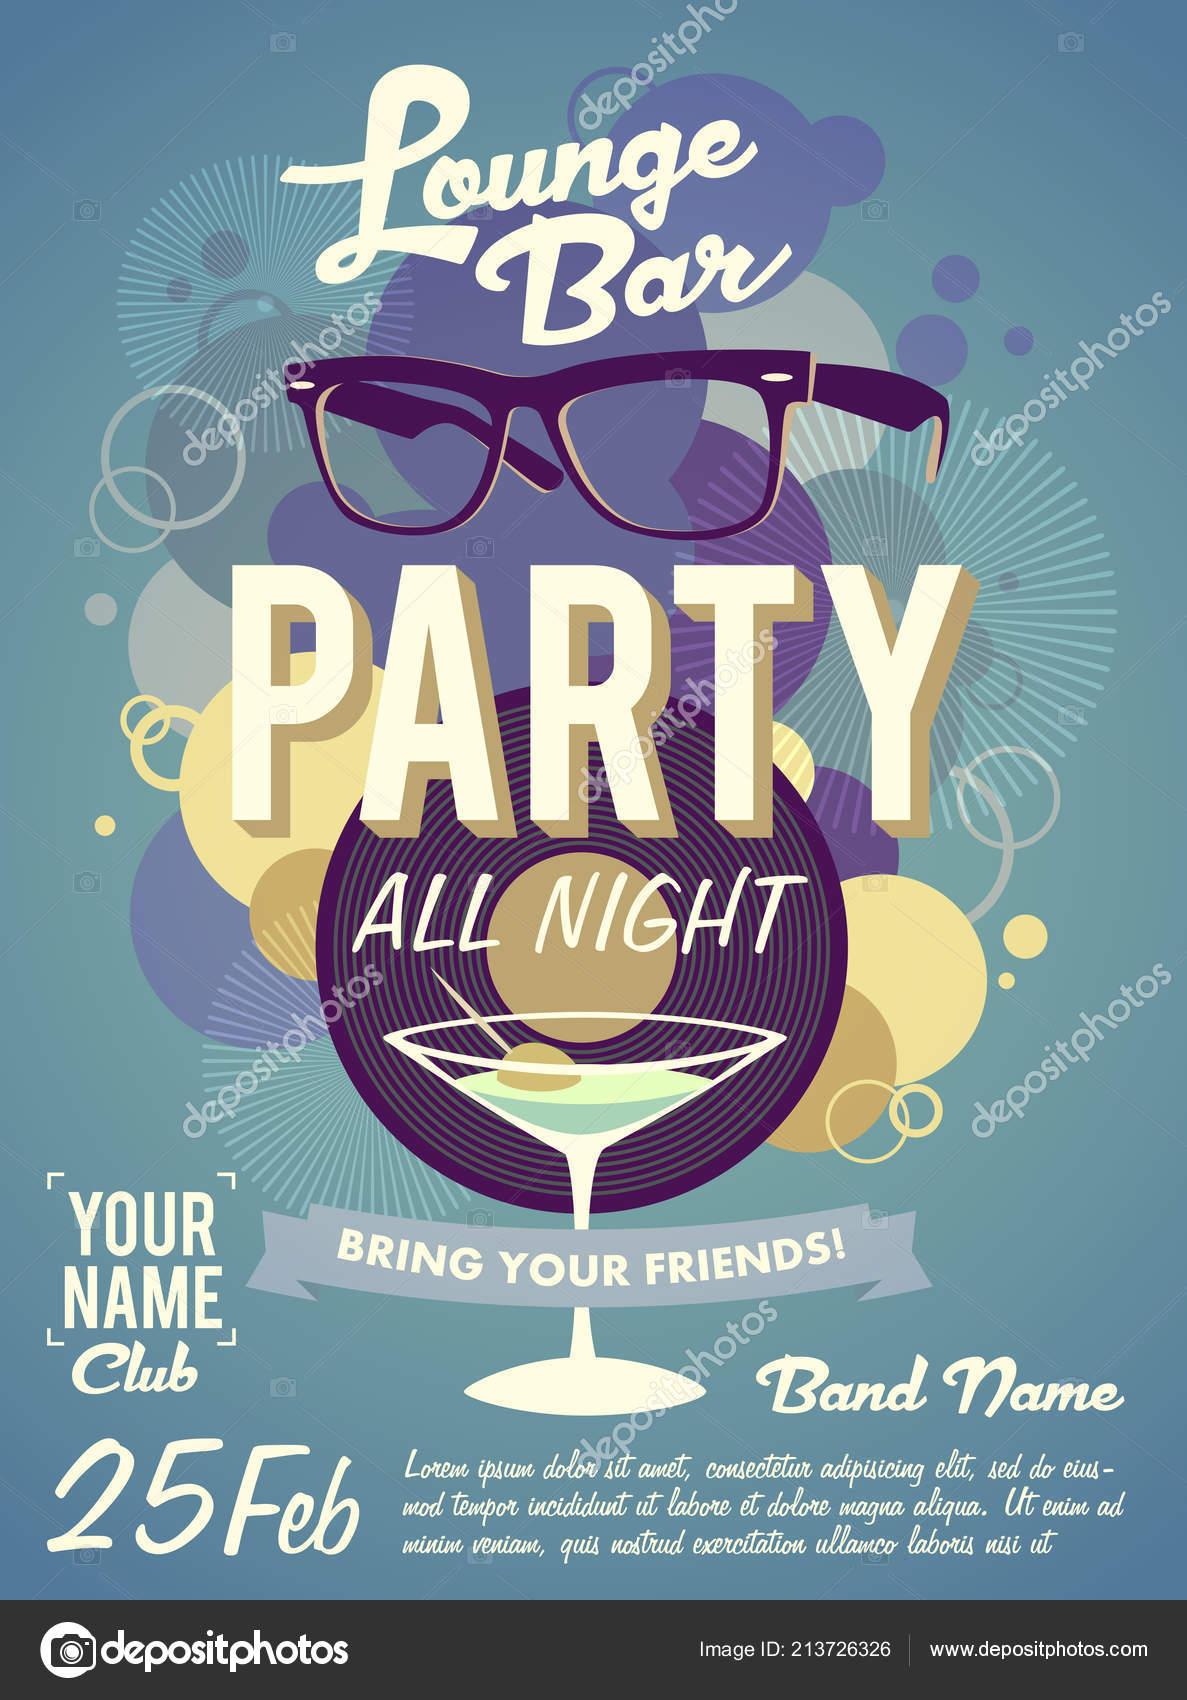 Постер для вечеринки